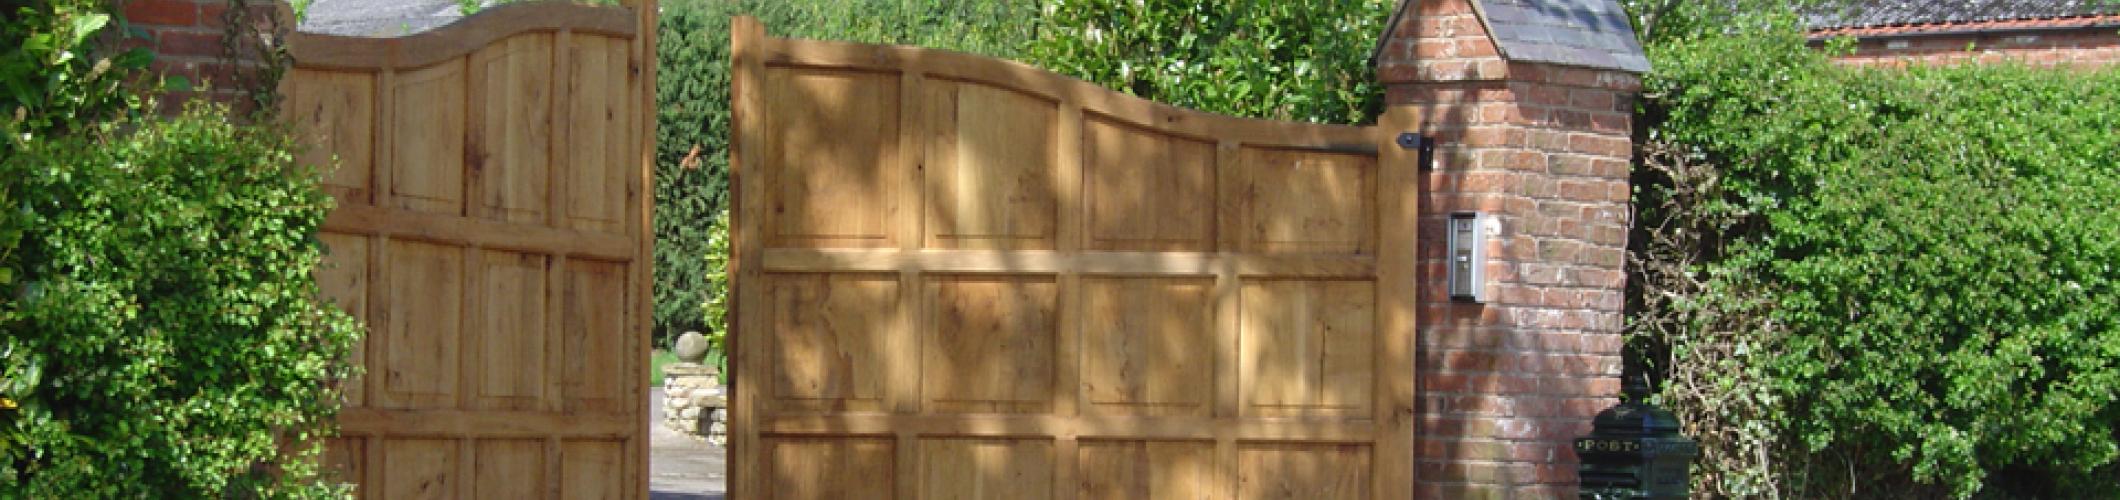 Wooden Gates Header